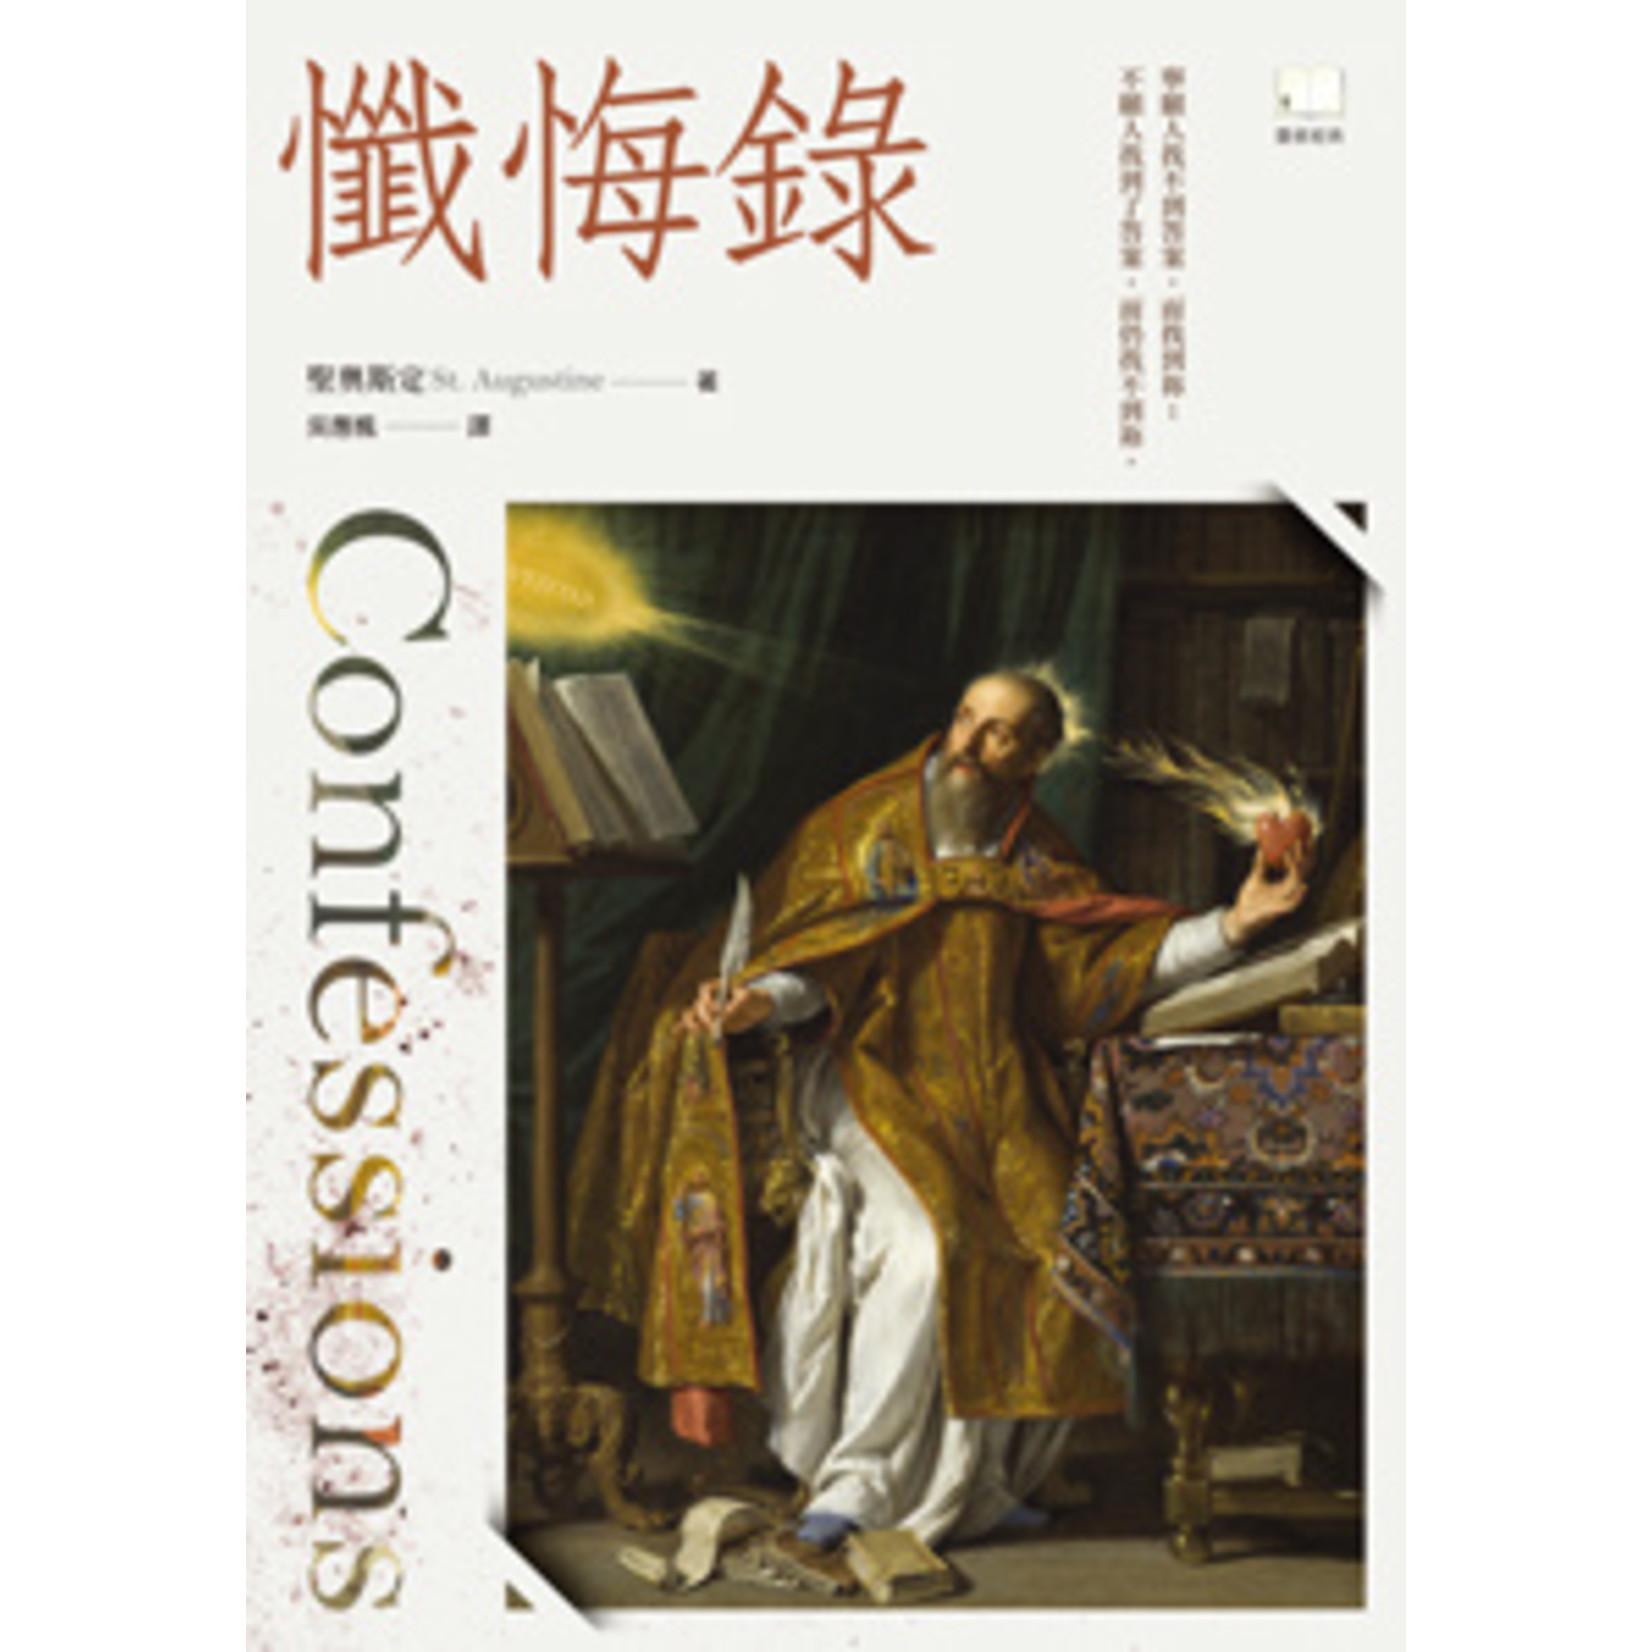 光啟文化 Kuangchi Cultural Group 懺悔錄 Confessions